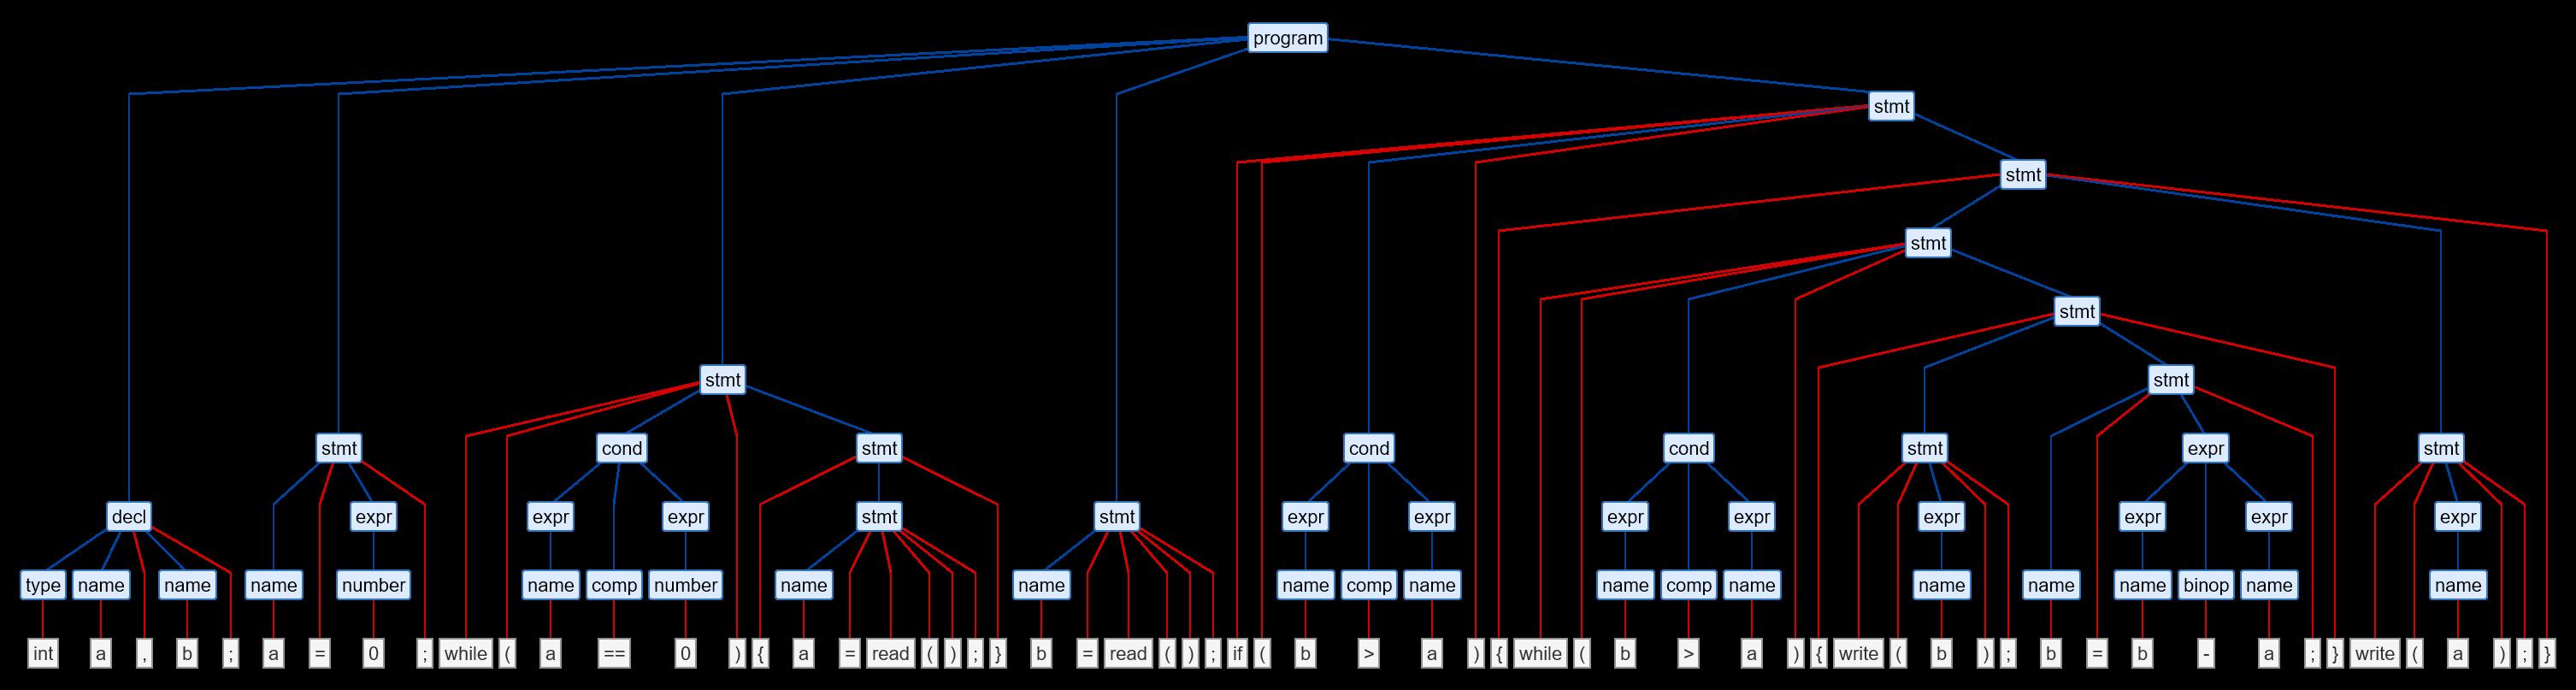 [Hier sollte eine Abbildung des Syntaxbaums zu sehen sein.]